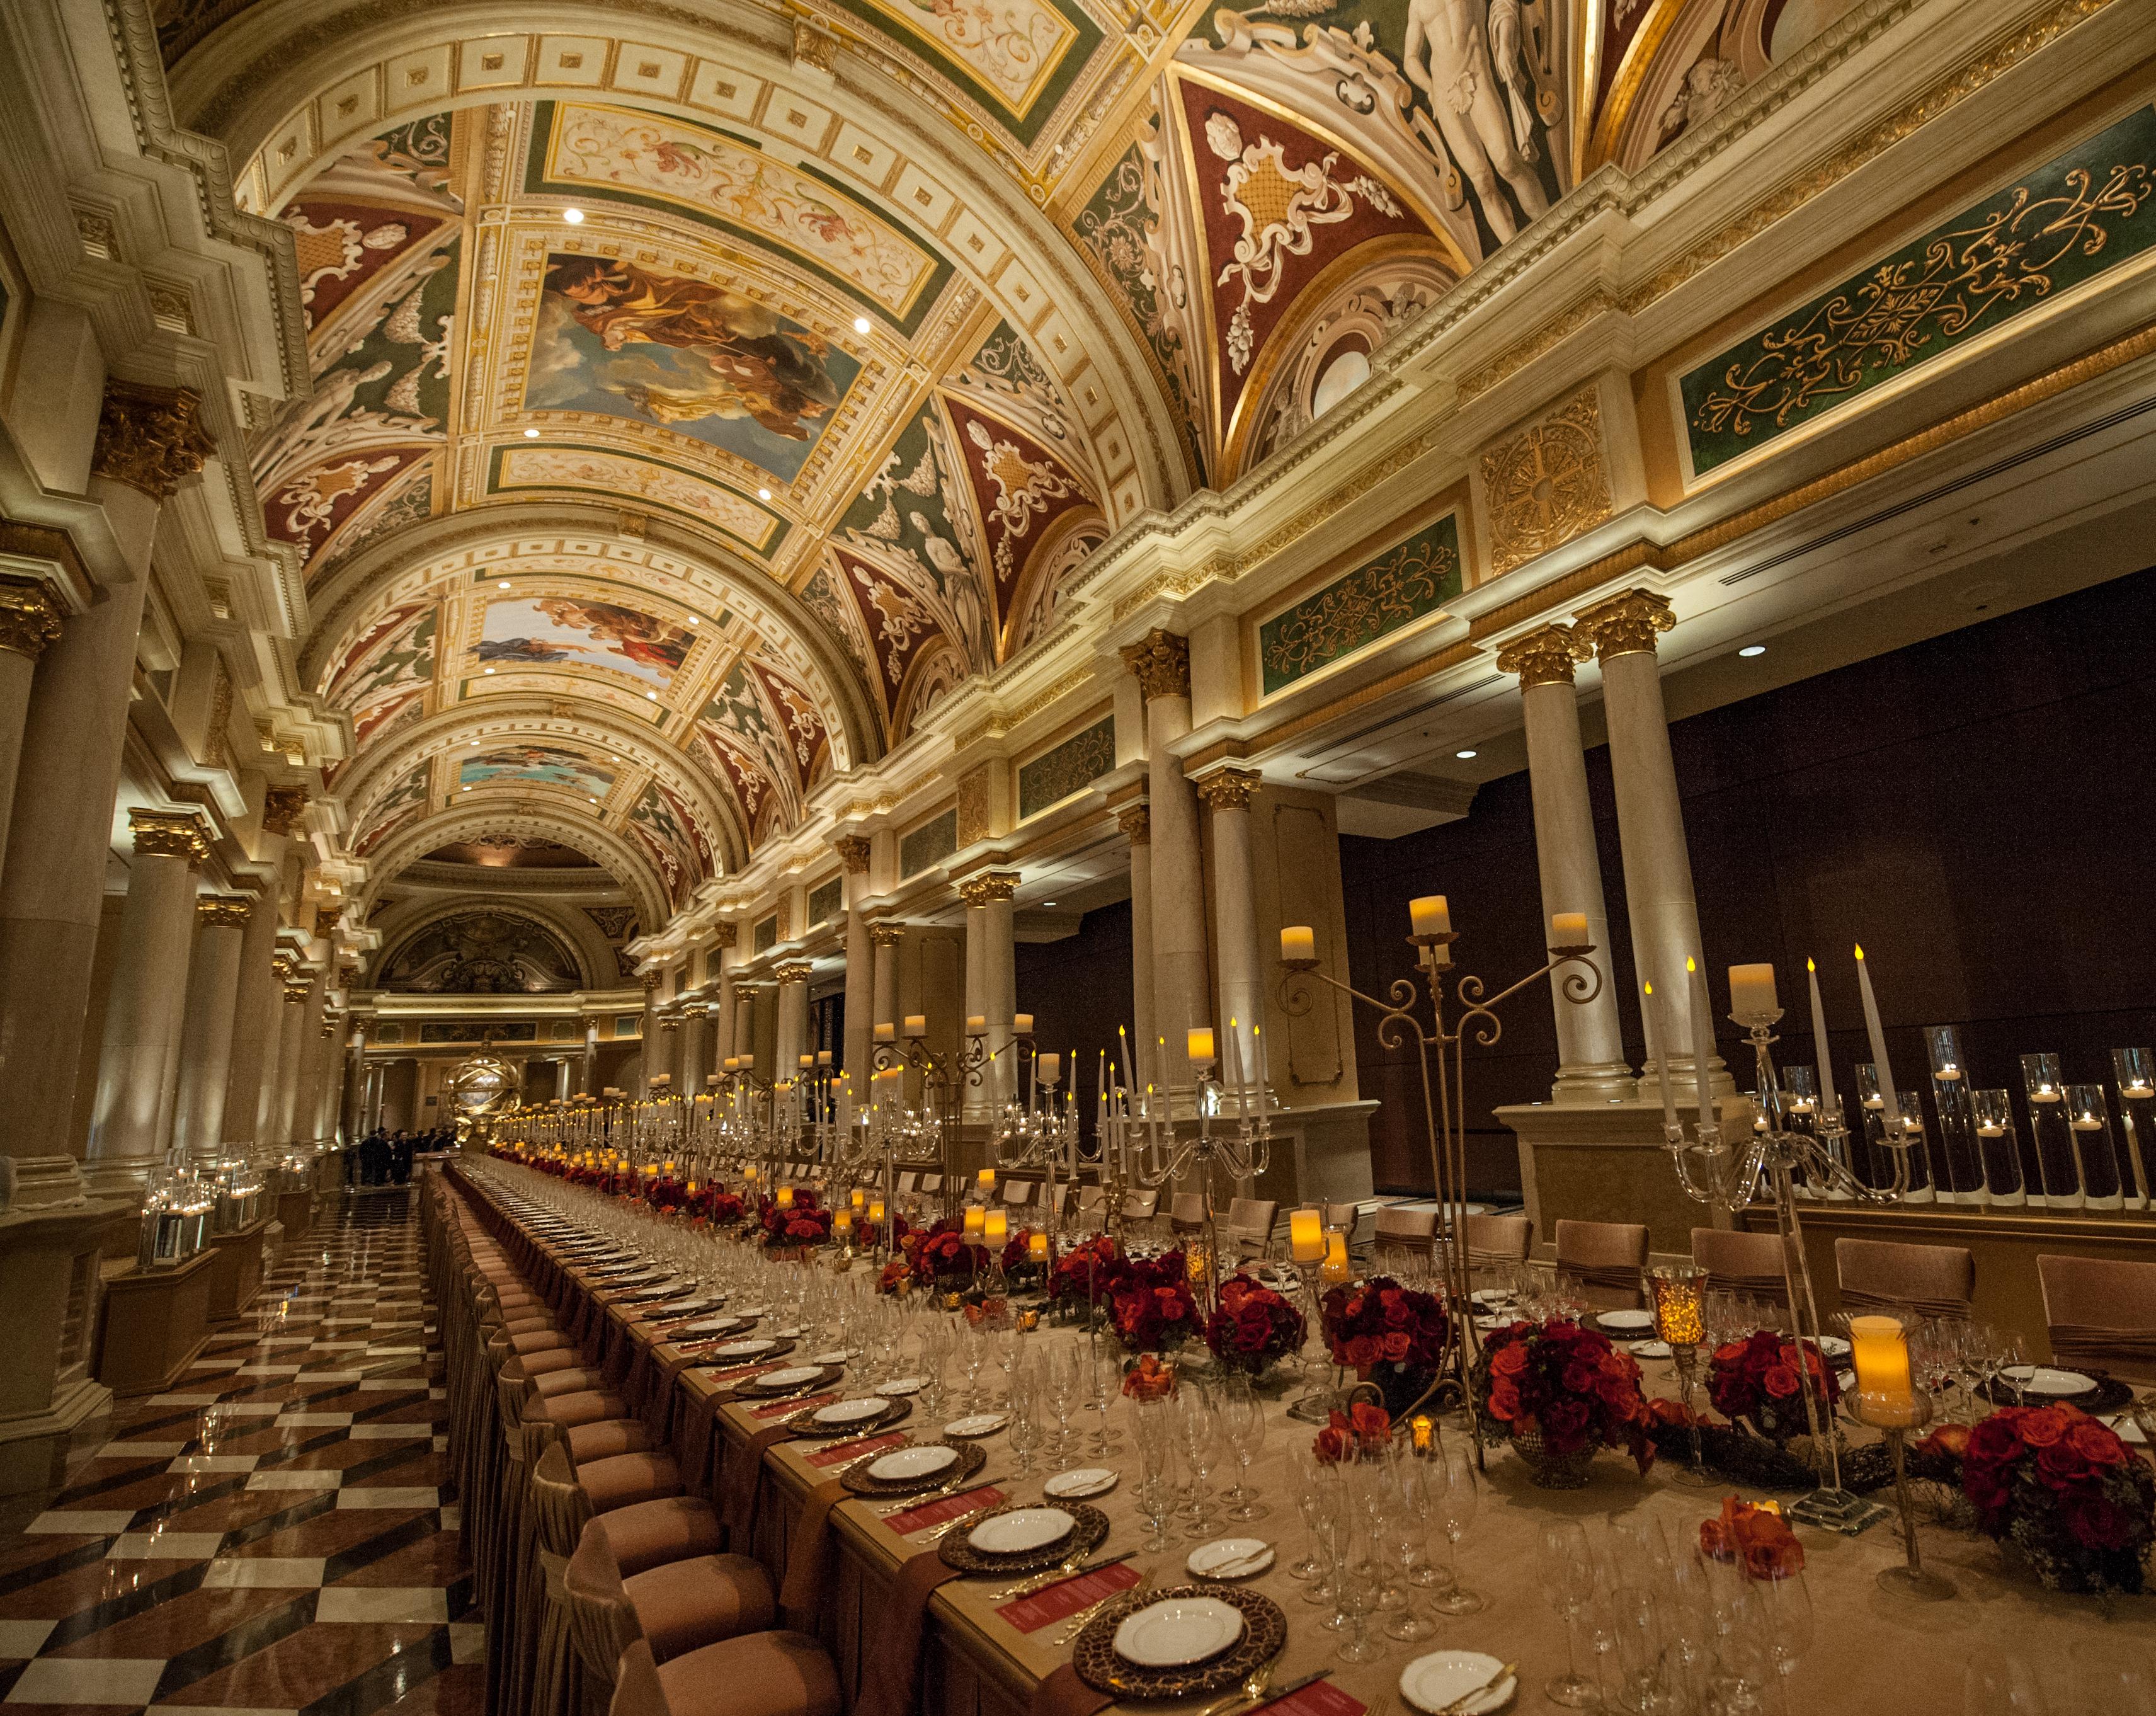 Grand Colonnade